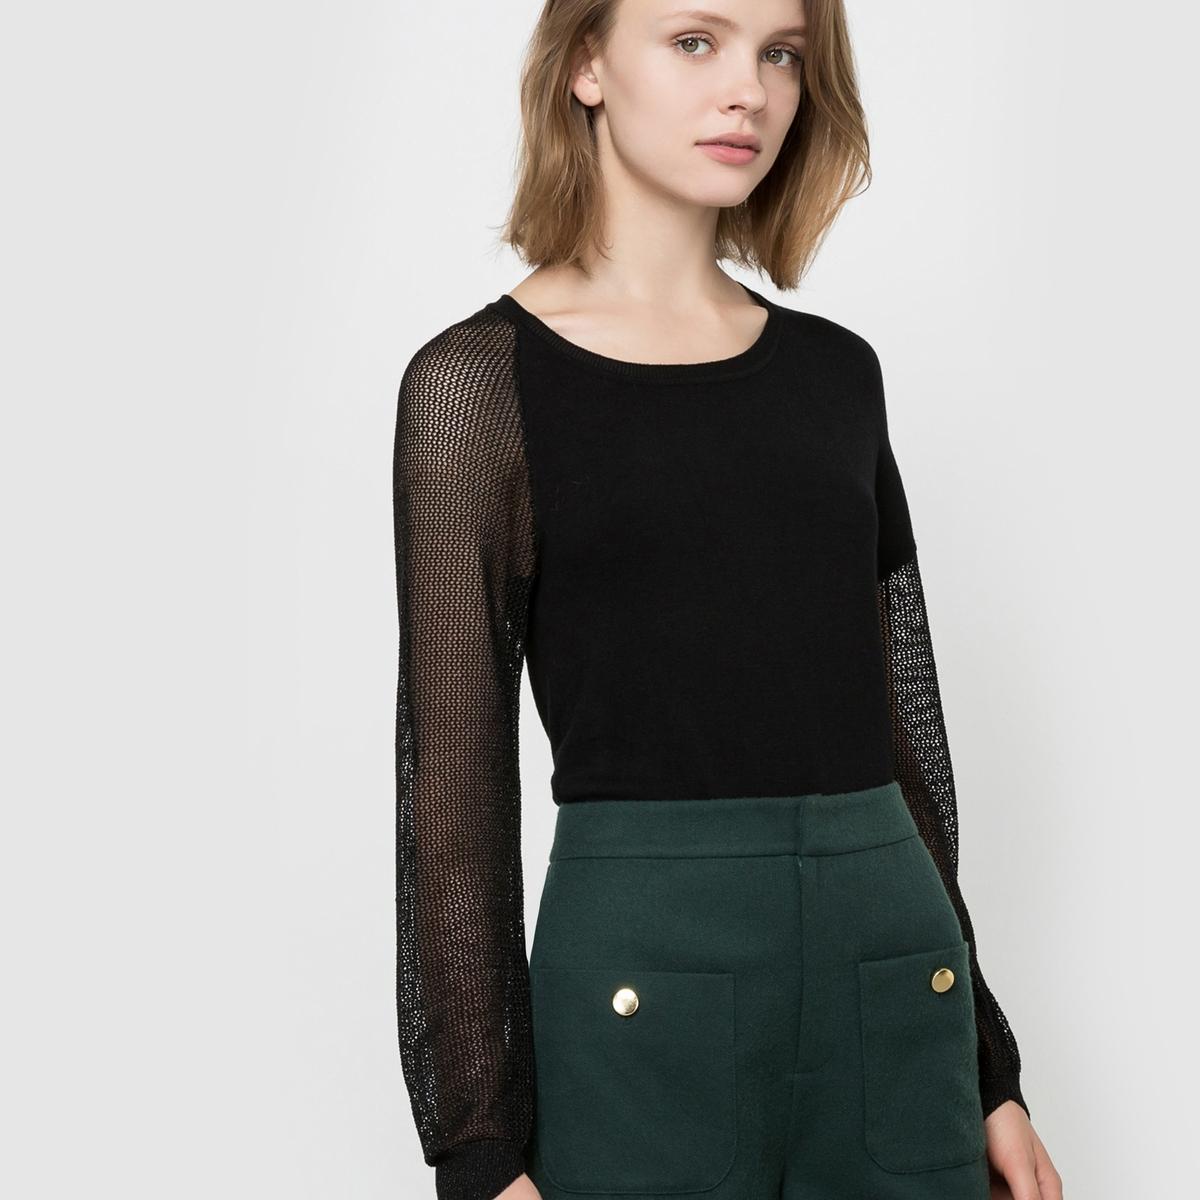 Пуловер с круглым воротникомСостав и описаниеМатериал: 78% вискозы, 19% нейлона, 3% эластана.Марка: LES PTITES BOMBES.<br><br>Цвет: черный